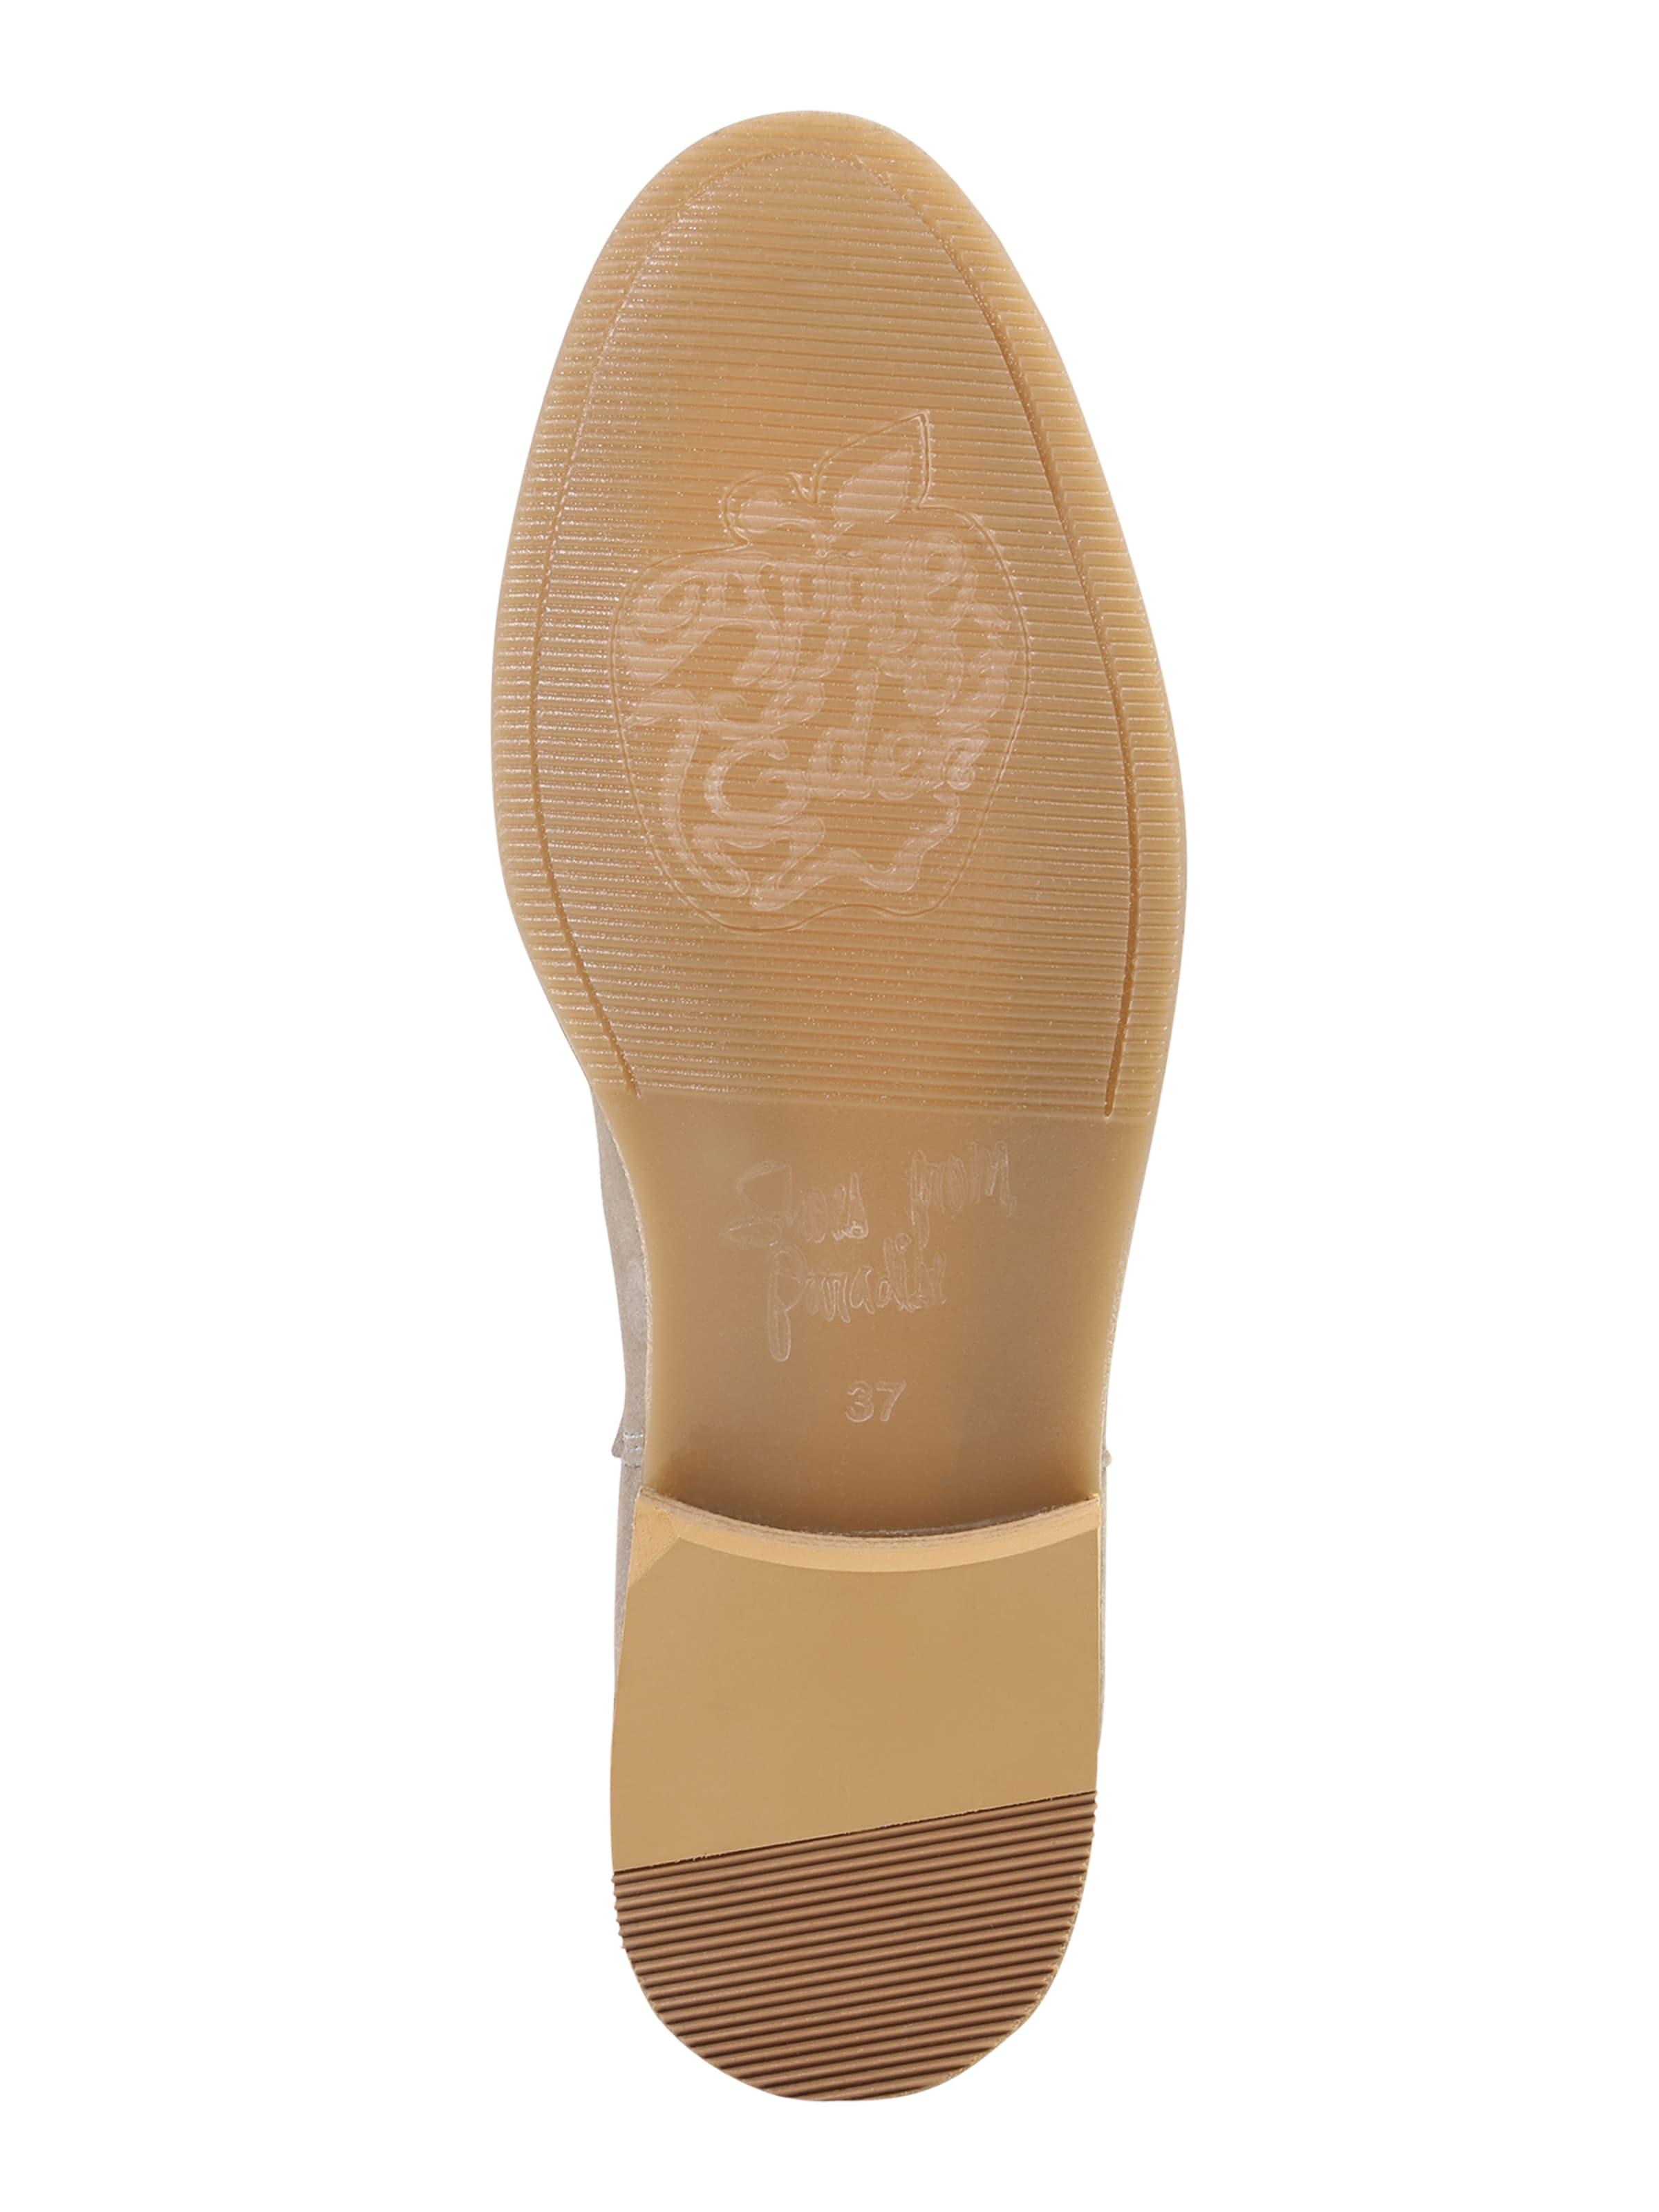 Billig Verkauf Blick Apple of Eden Chelsea-Boots 'Manon' Angebote Spielraum Zuverlässig Auslass Bestseller JiRO1MZ